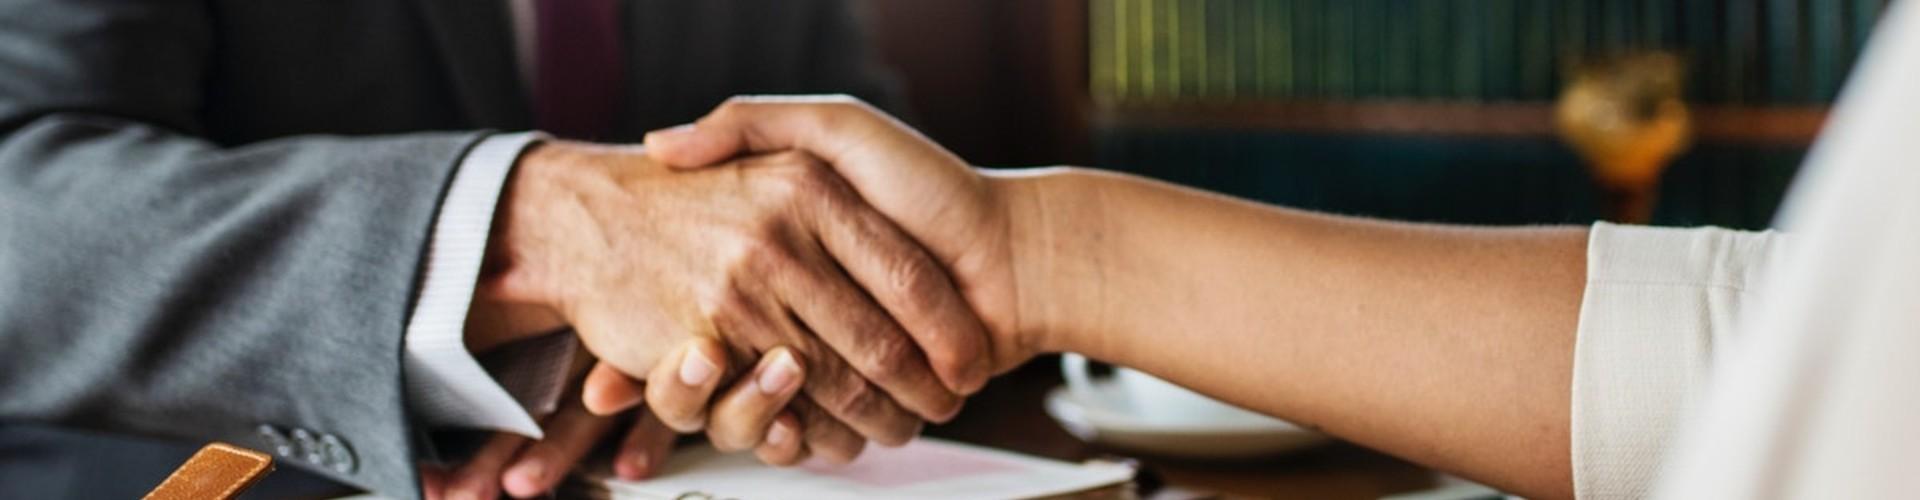 Podanie o podwyżkę wynagrodzenia - wzór wniosku, argumenty i 15 rad